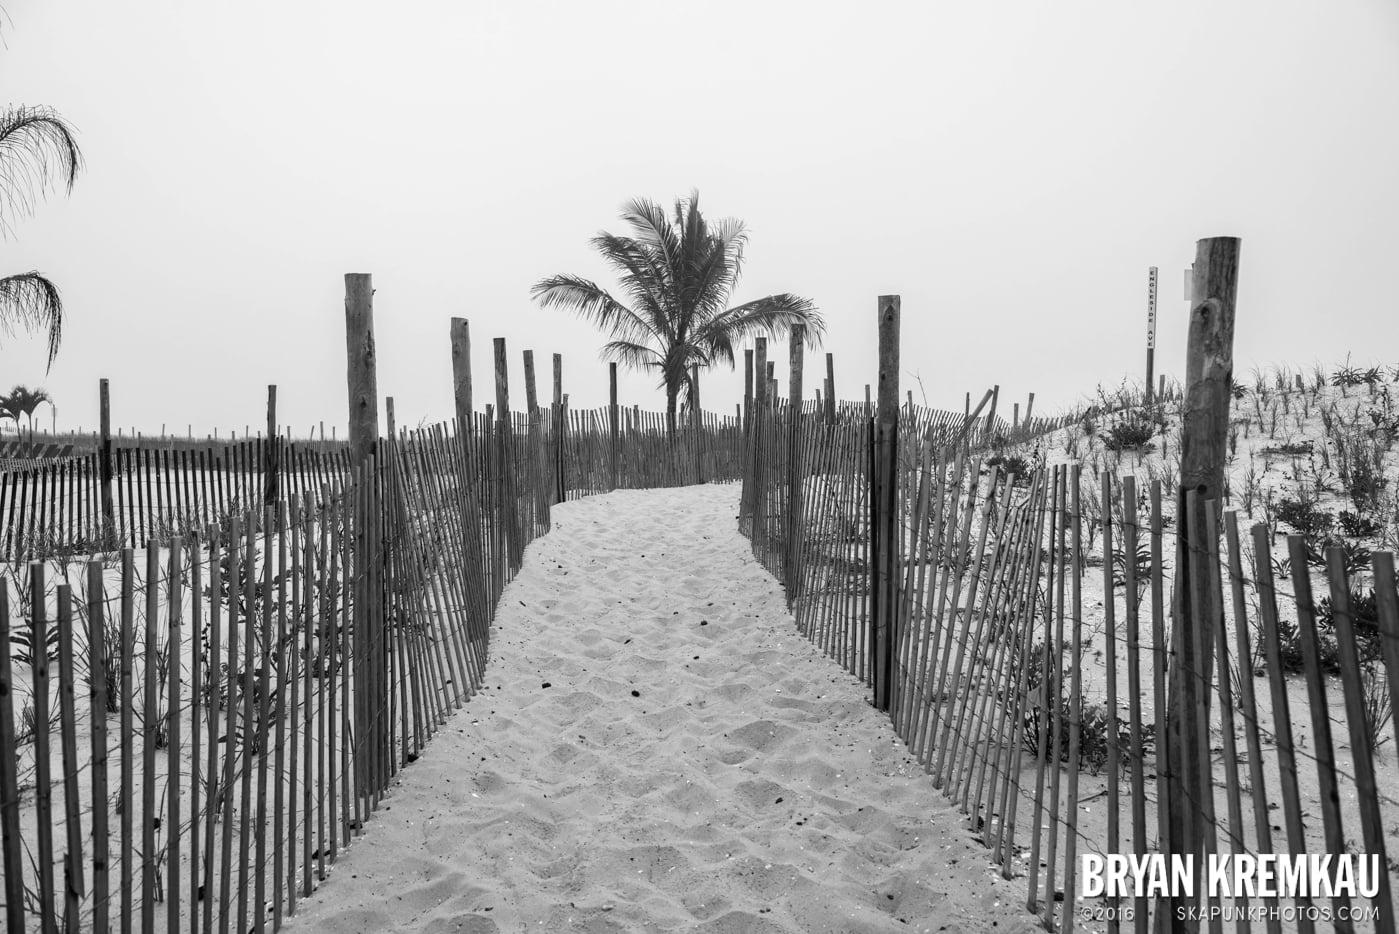 Beach Haven, Long Beach Island, NJ - 6.16.14 - 6.18.14 (69)